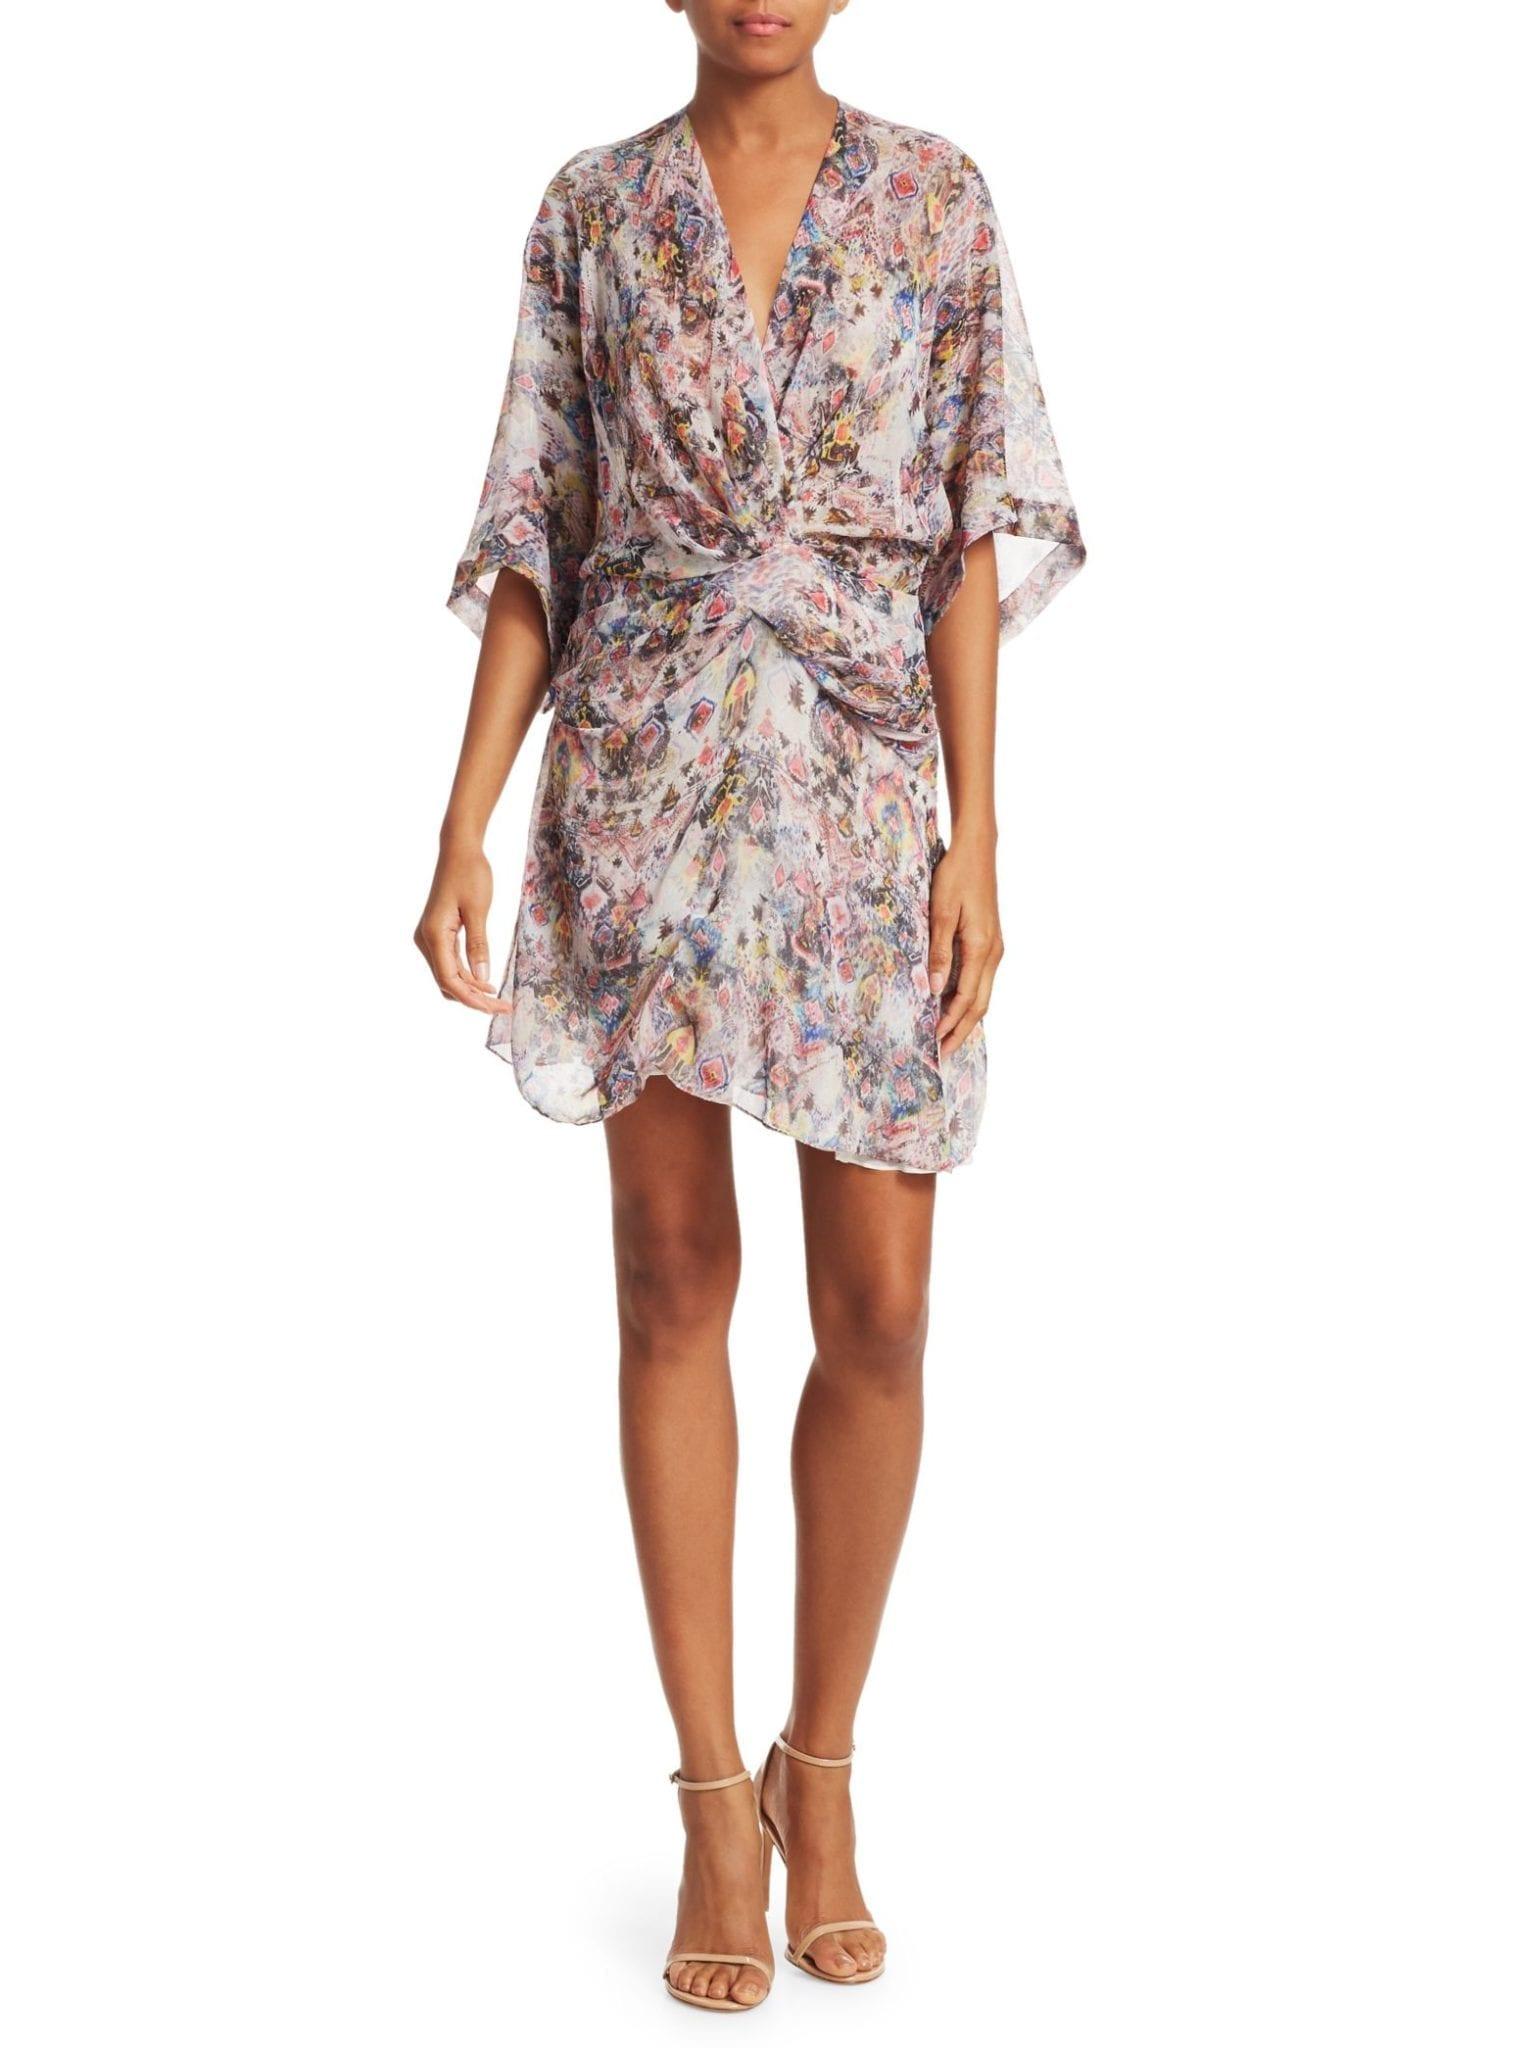 273e78b80d0d IRO Gazania Silk Knot Shift Dress - We Select Dresses